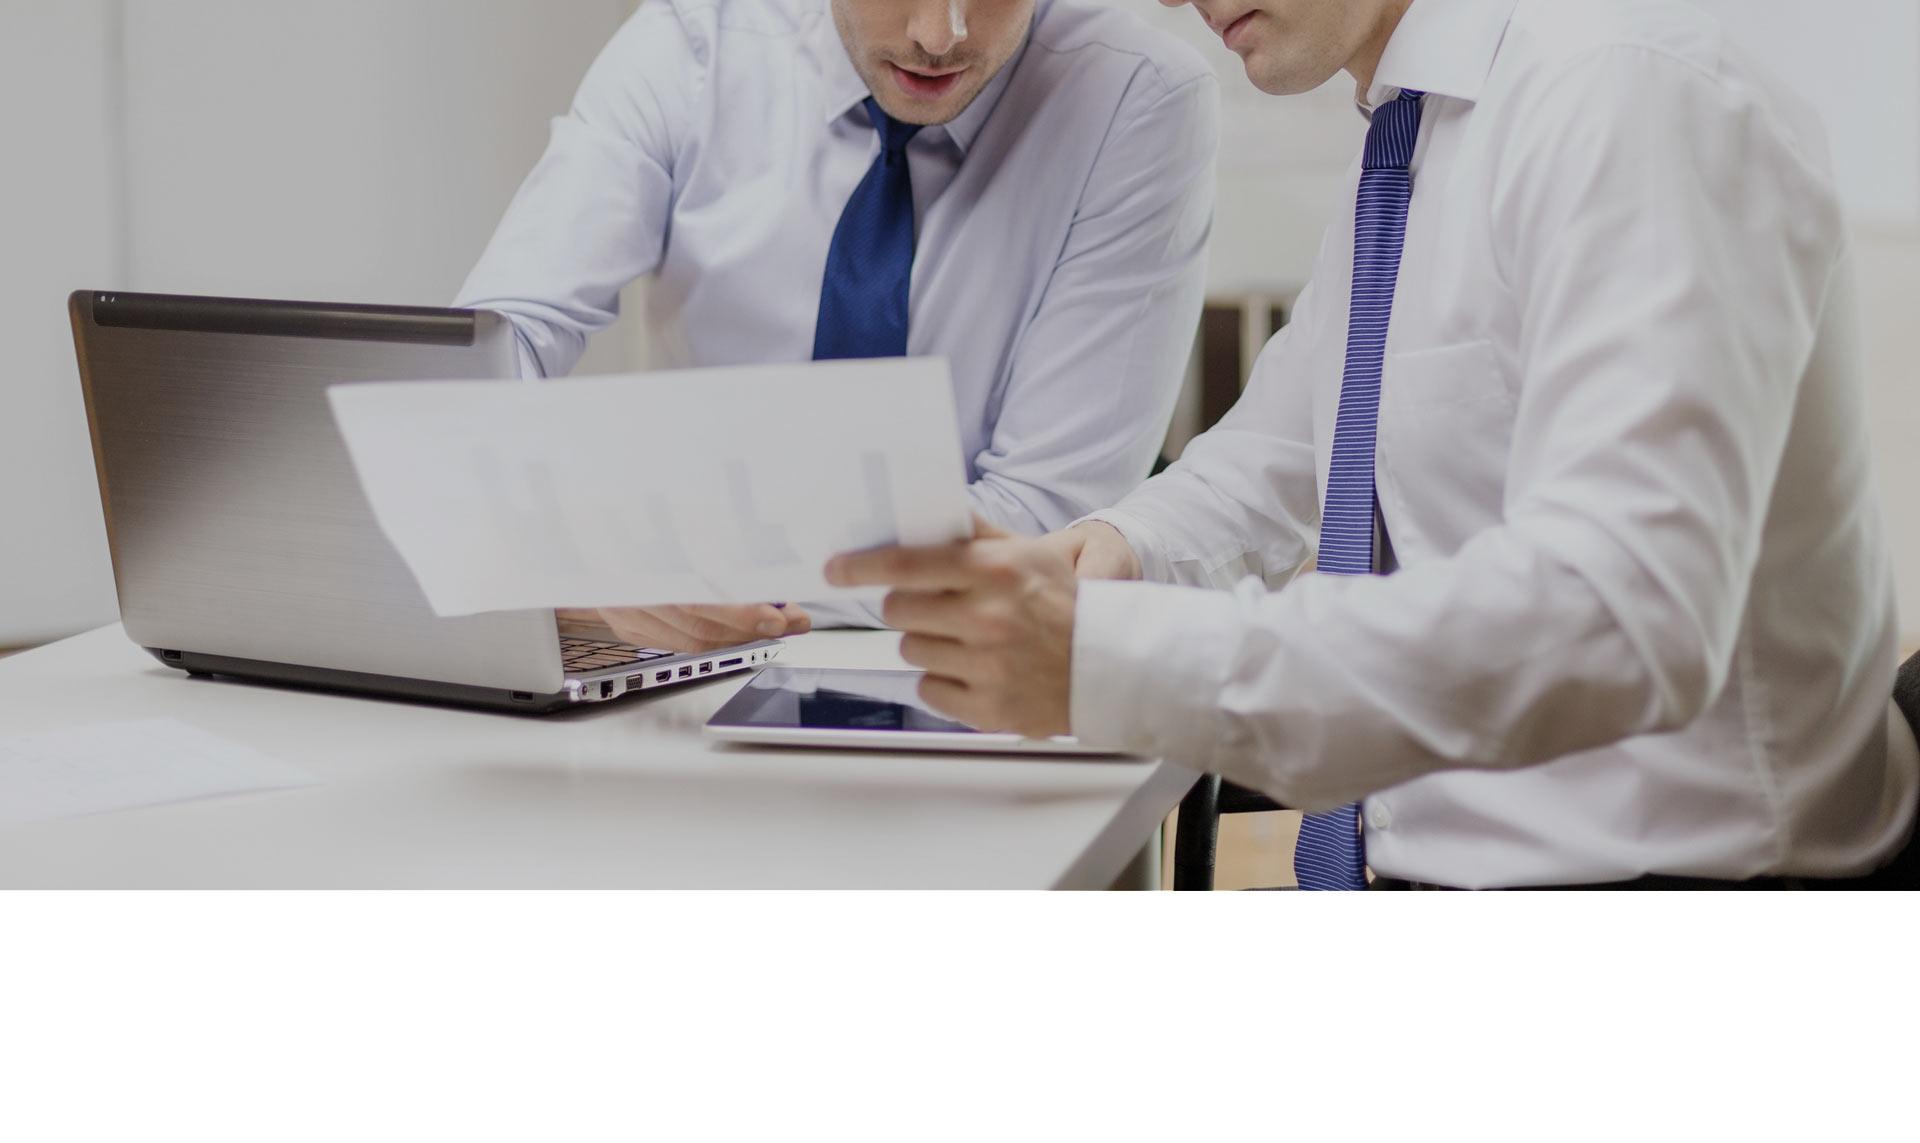 ¿Tramitas para clientes</br>y quieres aumentar oferta y rentabilidad?